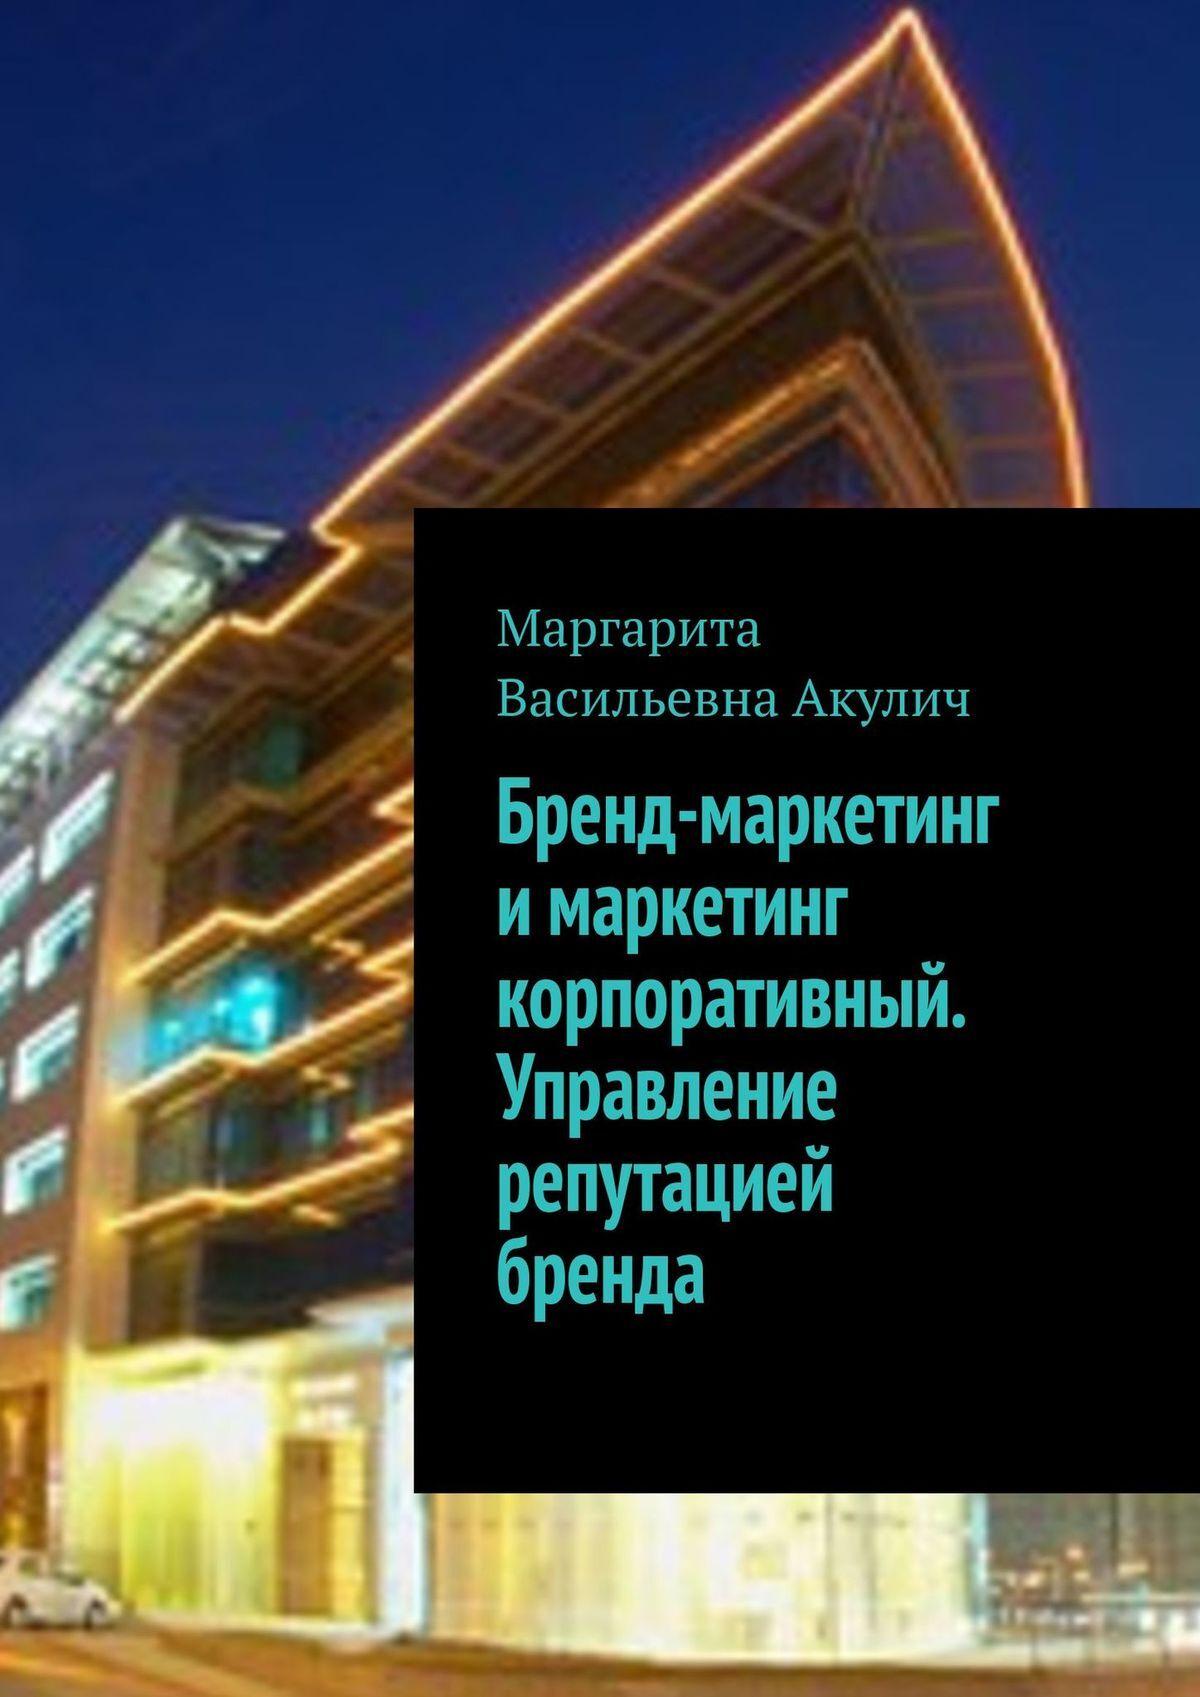 лучшая цена Маргарита Акулич Бренд-маркетинг имаркетинг корпоративный